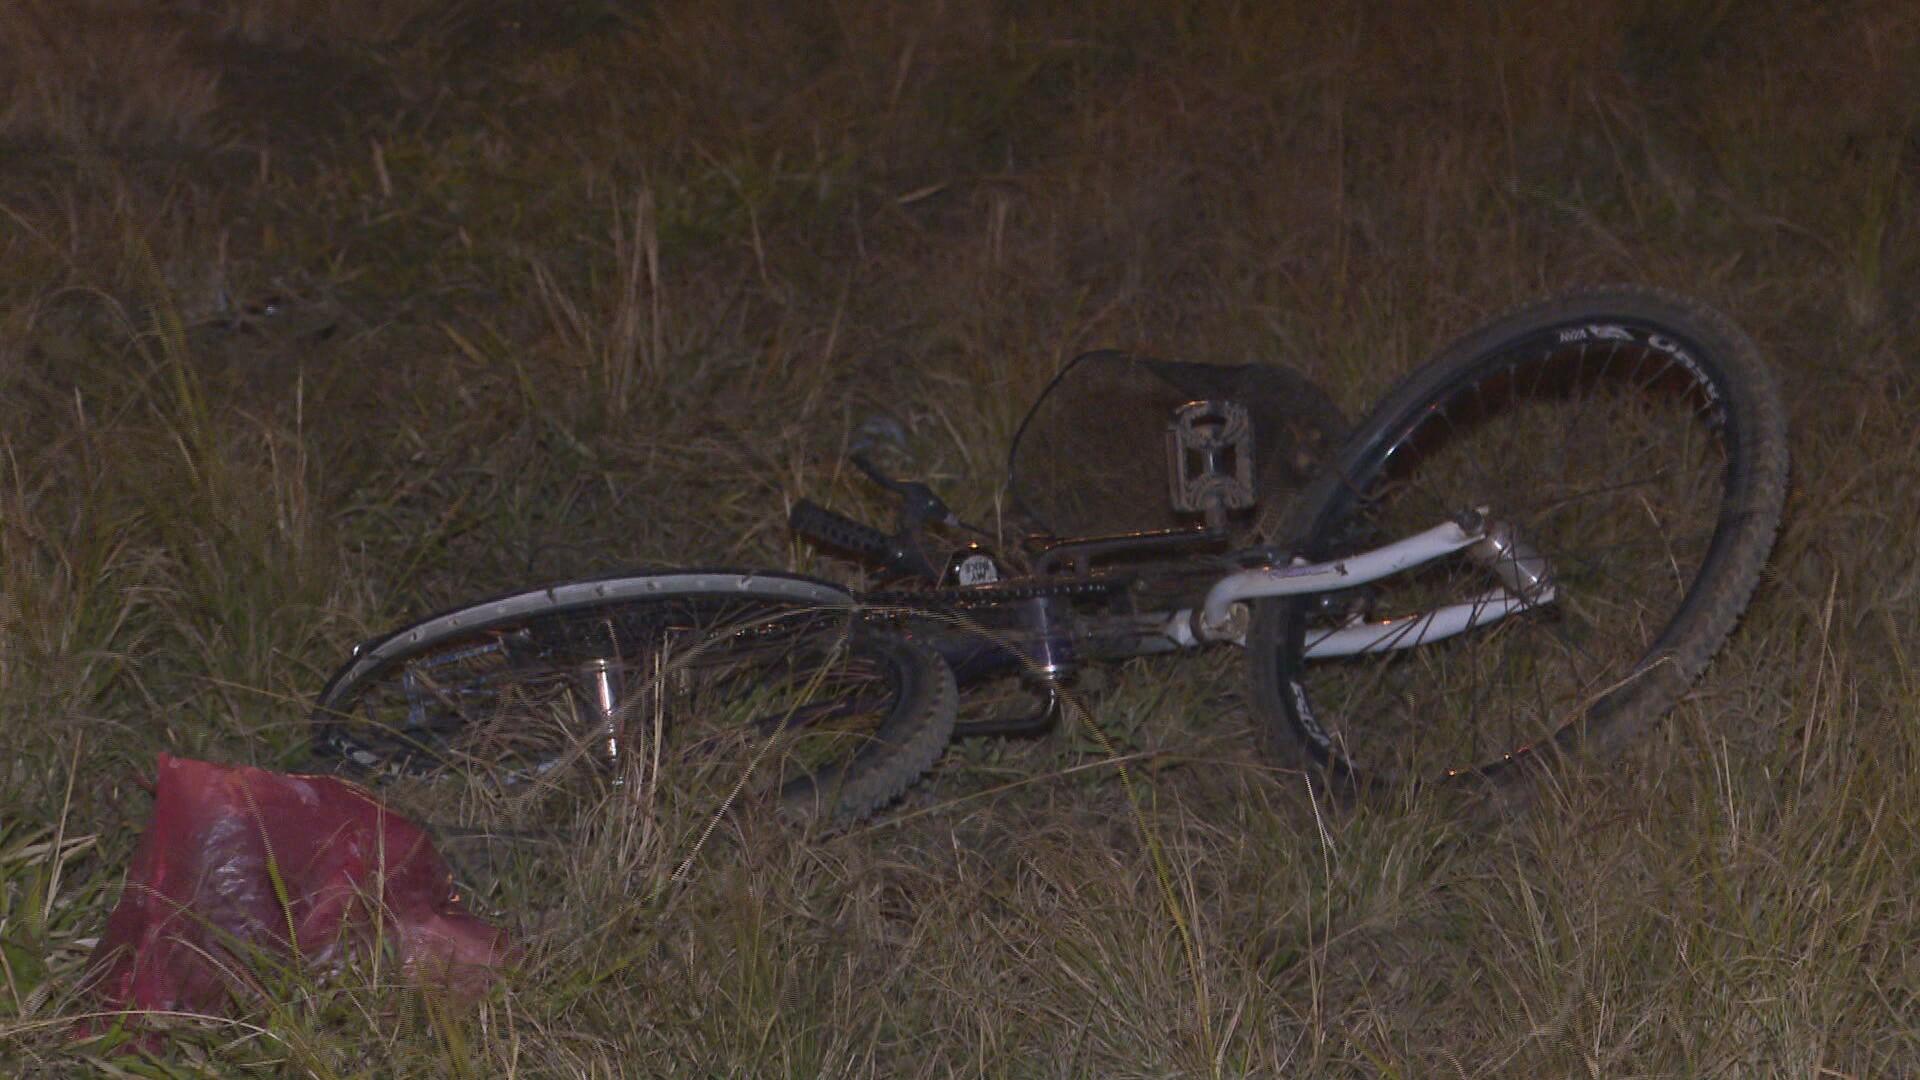 Motorista com sinais de embriaguez atropela e mata dois garis em rodovia no DF